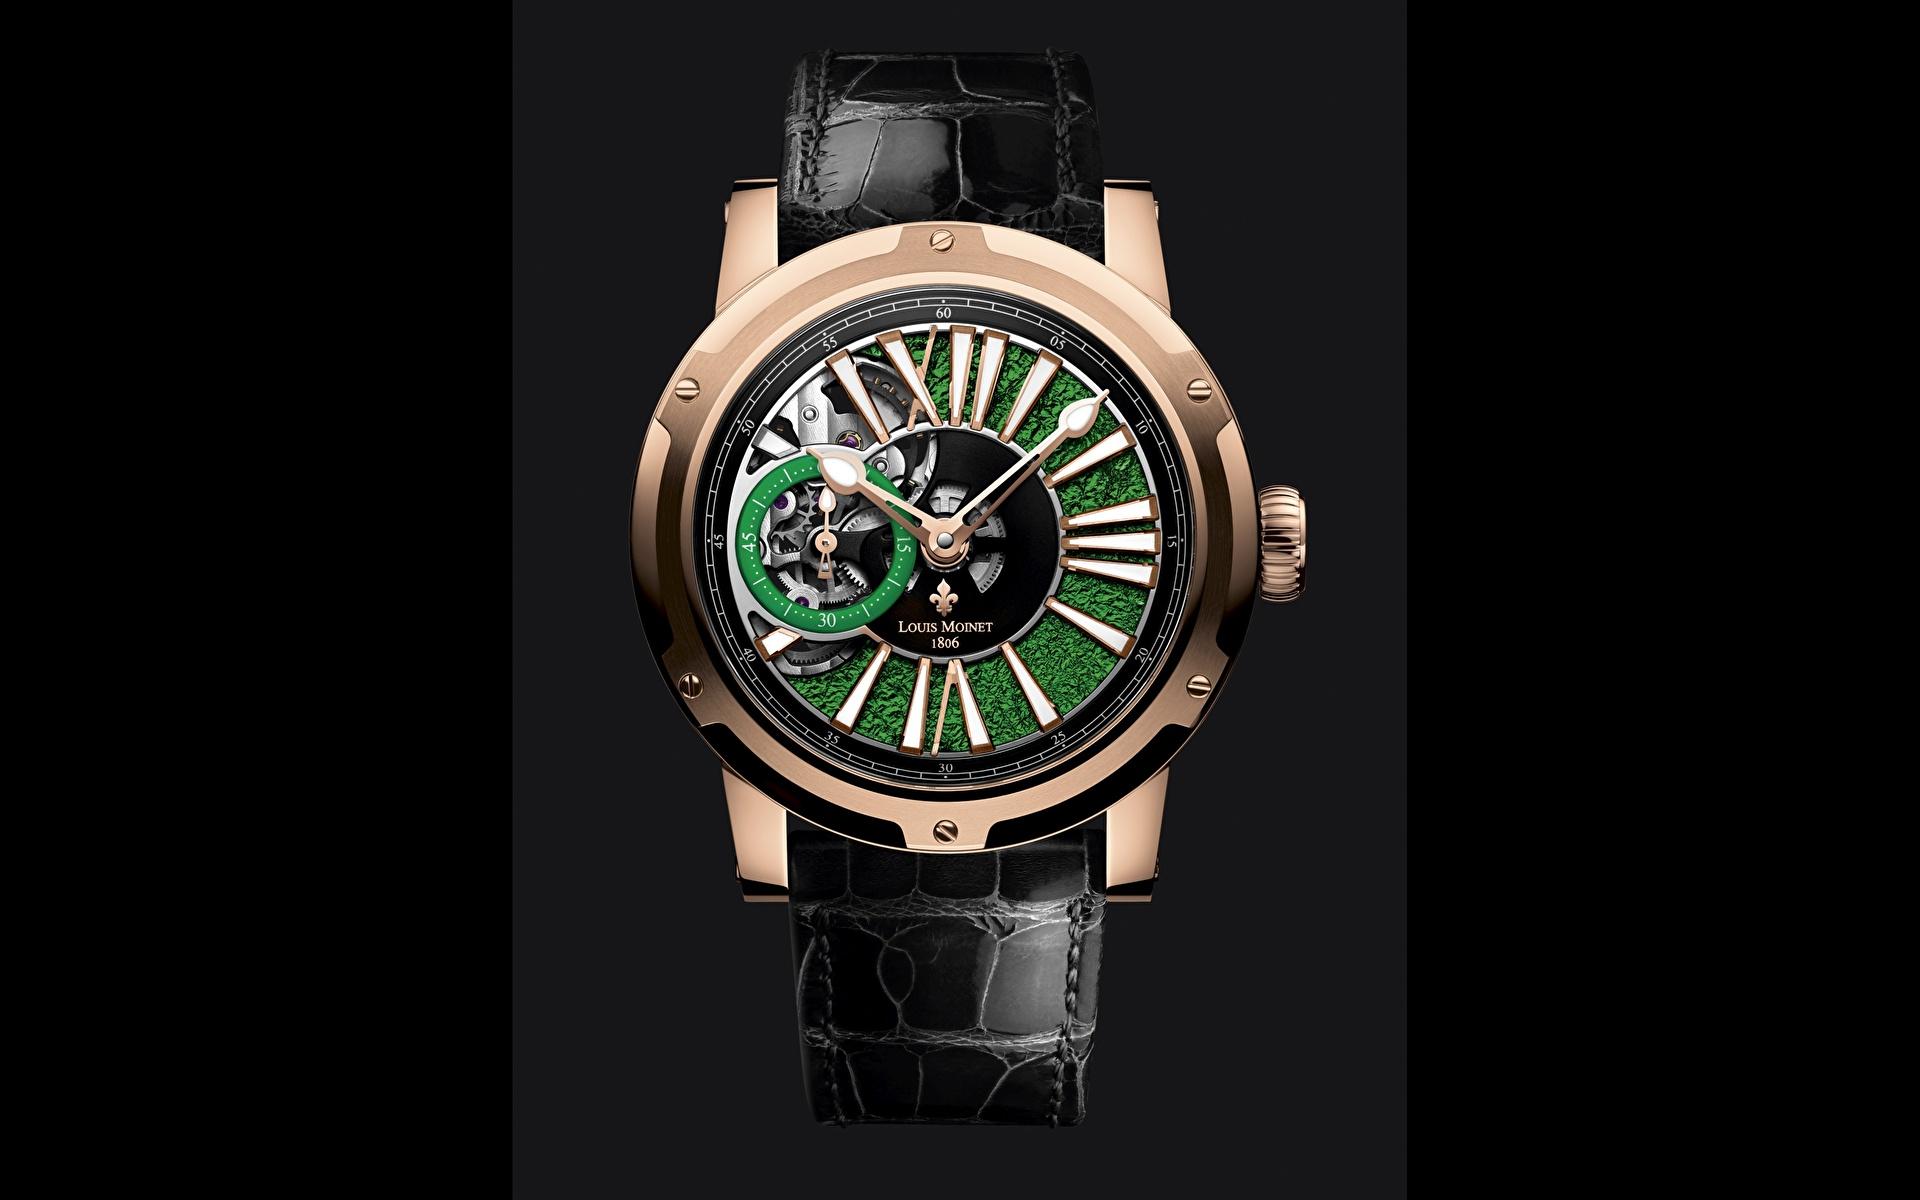 Images Metropolis, Louis Moinet Watch Clock 1920x1200